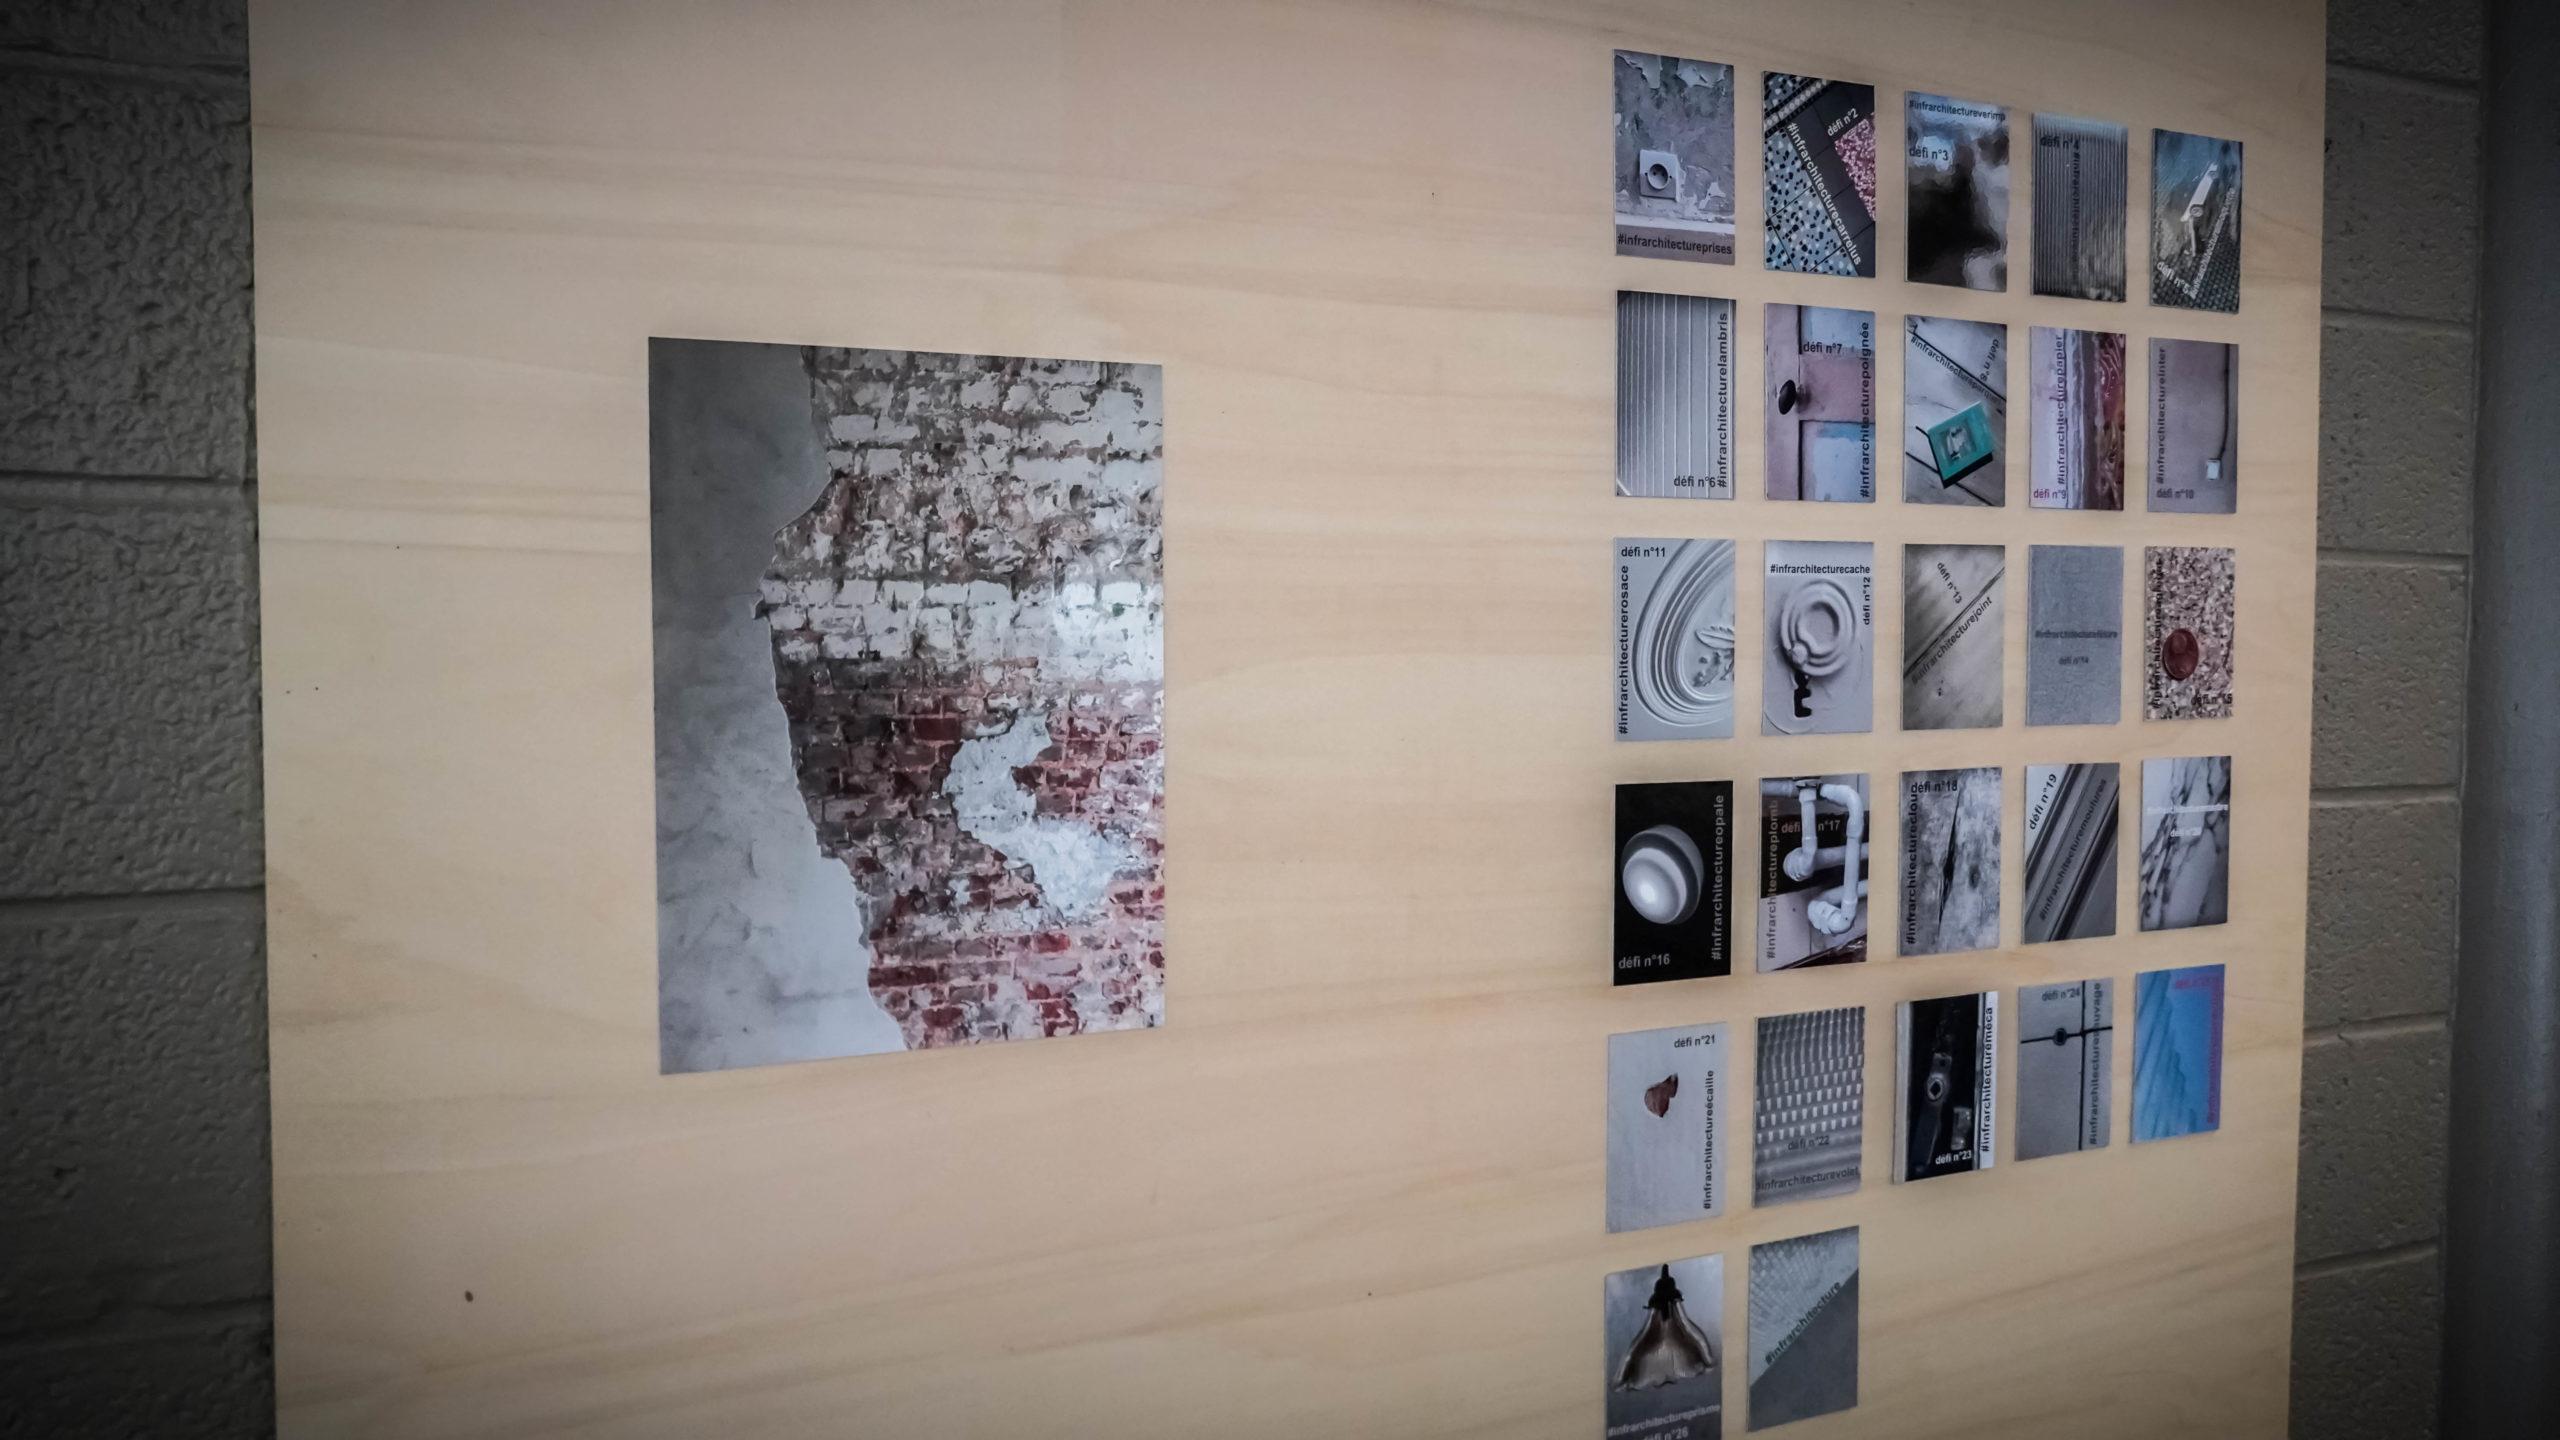 """""""Révéler pour soigner"""" - Benjamin Delaunay, """"#infrarchitecture"""" - Eric Monin - Exposition """"Souvenirs Déconfinés"""" ENSAPL"""